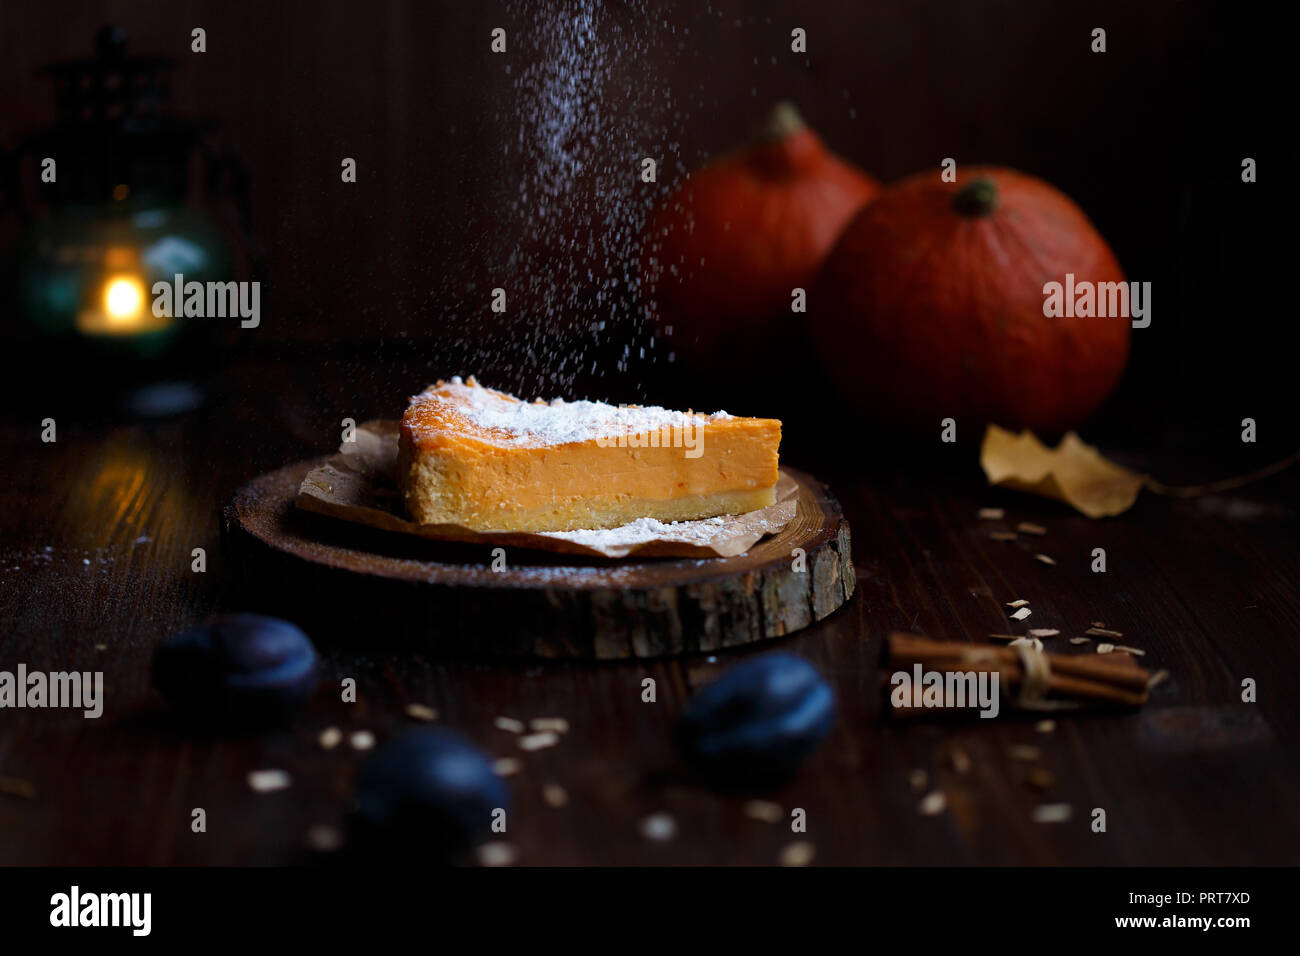 Femmina lato un pizzico di zucchero in polvere sul Cheesecake alla zucca. Zucche, lampada da tavolo, fogliame, vaniglia su un di legno scuro dello sfondo. In autunno e in inverno, concetto accogliente Immagini Stock